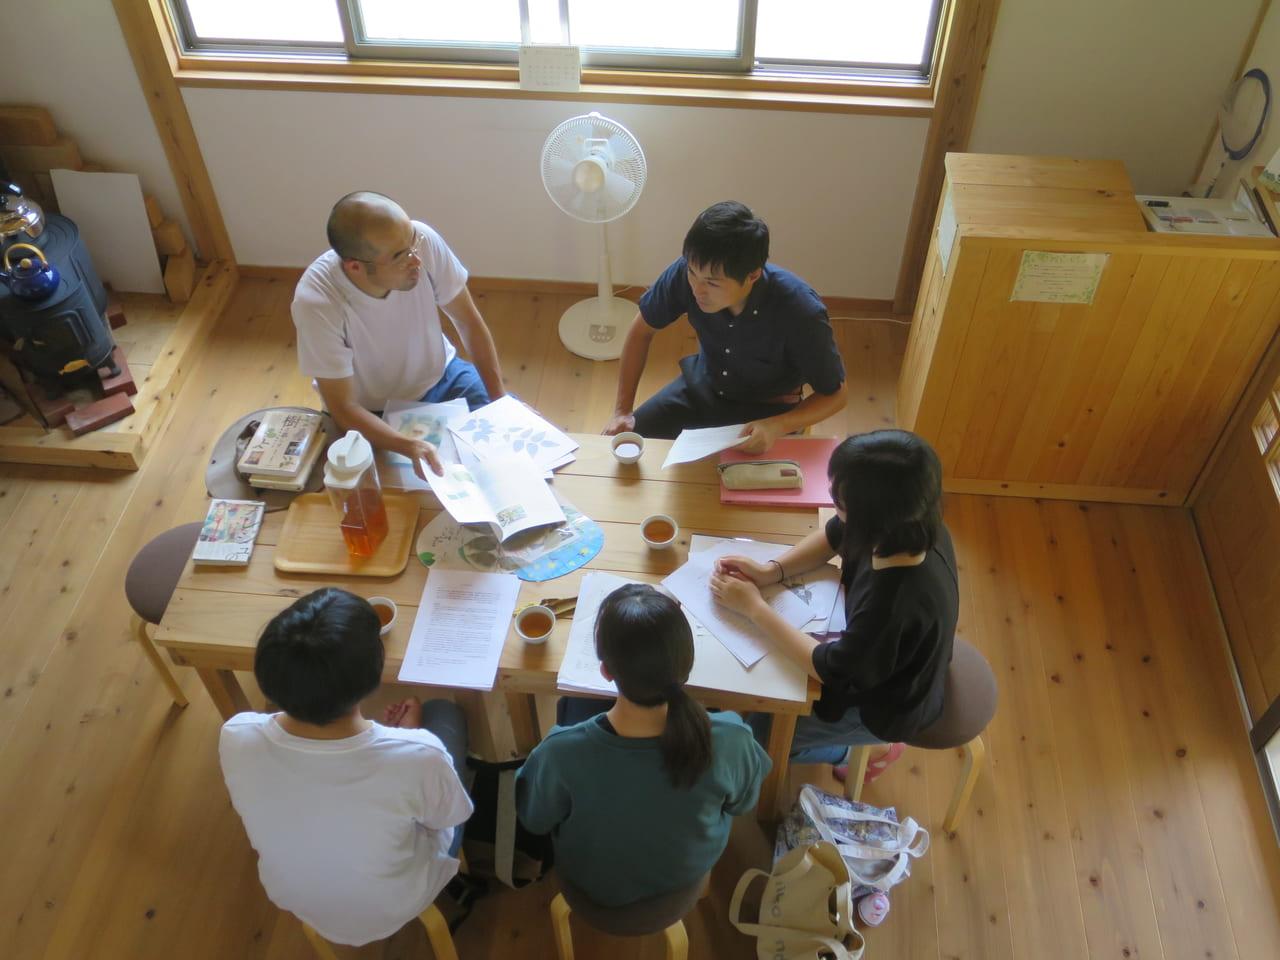 飯山高校生 森のくすり塾で座学